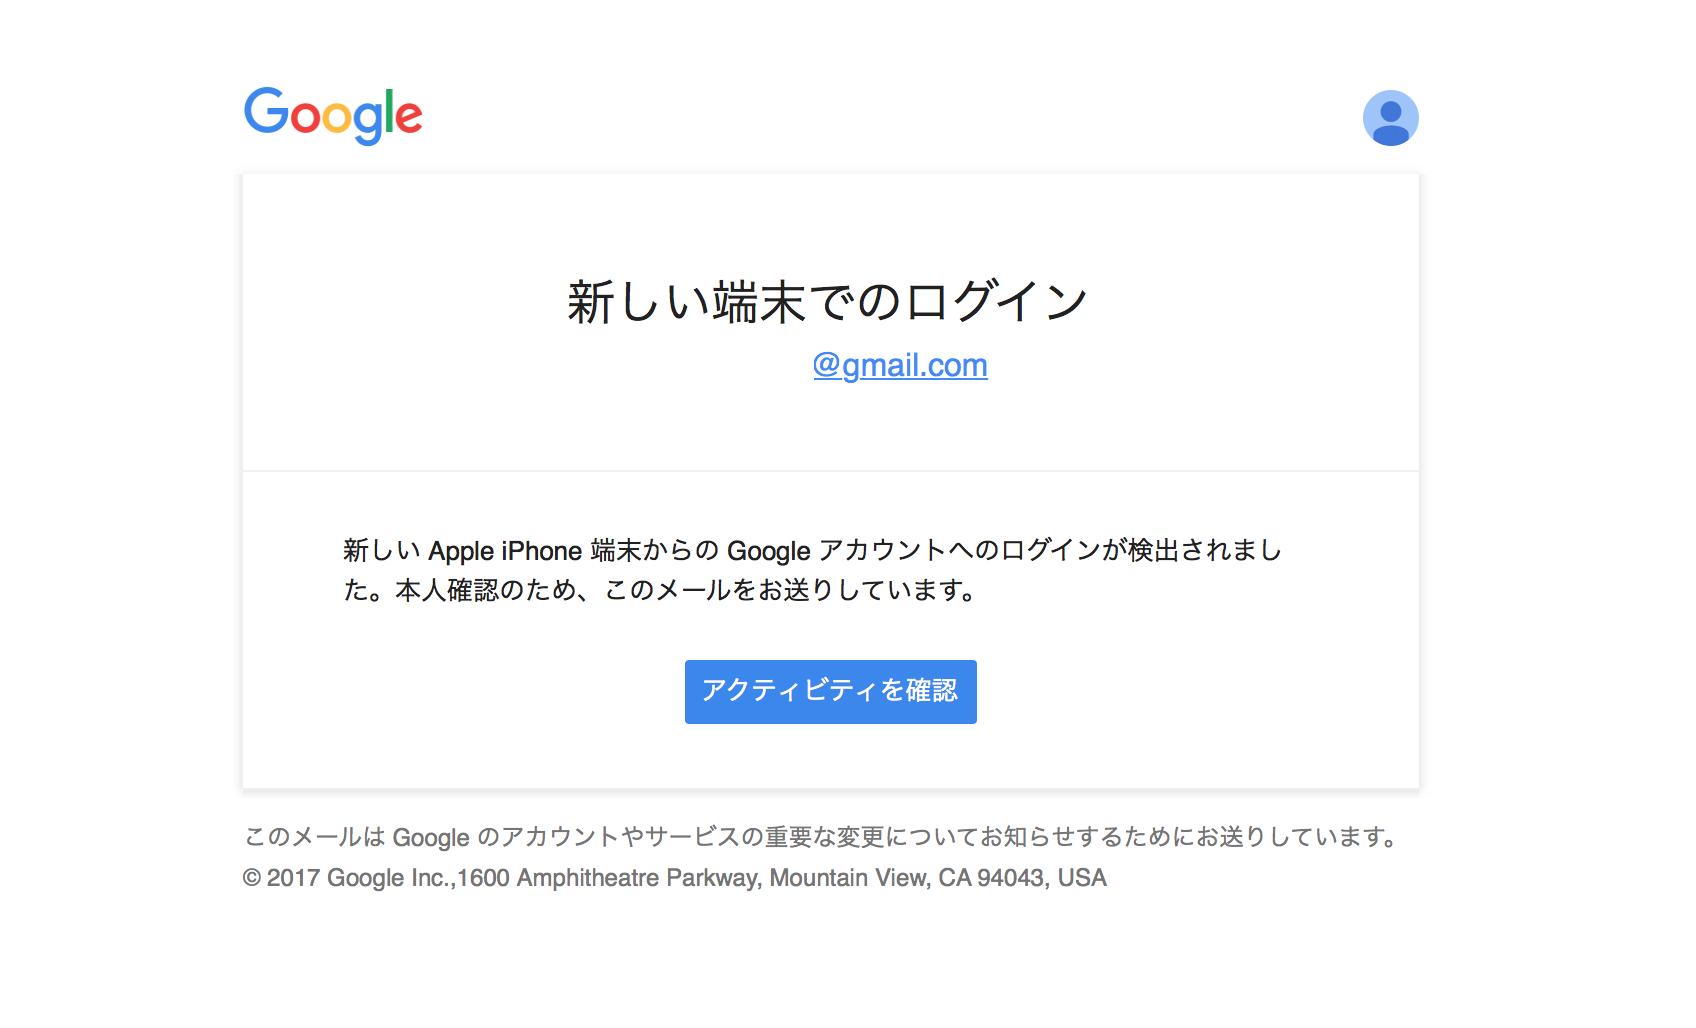 リンクされている google アカウントの重大なセキュリティ通知 リンクされている Google アカウントのセキュリティ通知というメールが届いたら